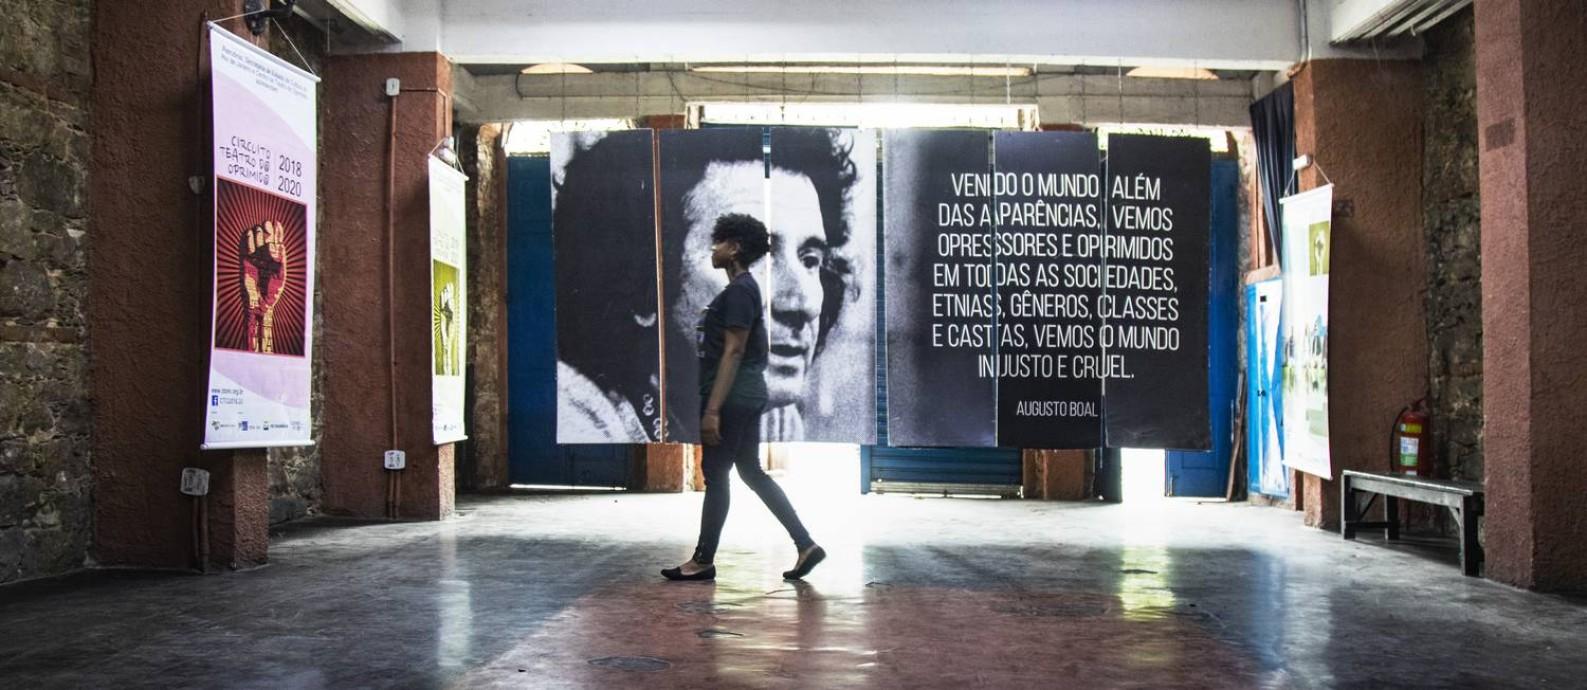 A pedagoga e 'curinga' Maiara Caravlho, no interior do Centro do Teatro do Oprimido, na Lapa Foto: Ana Branco/Agência O Globo